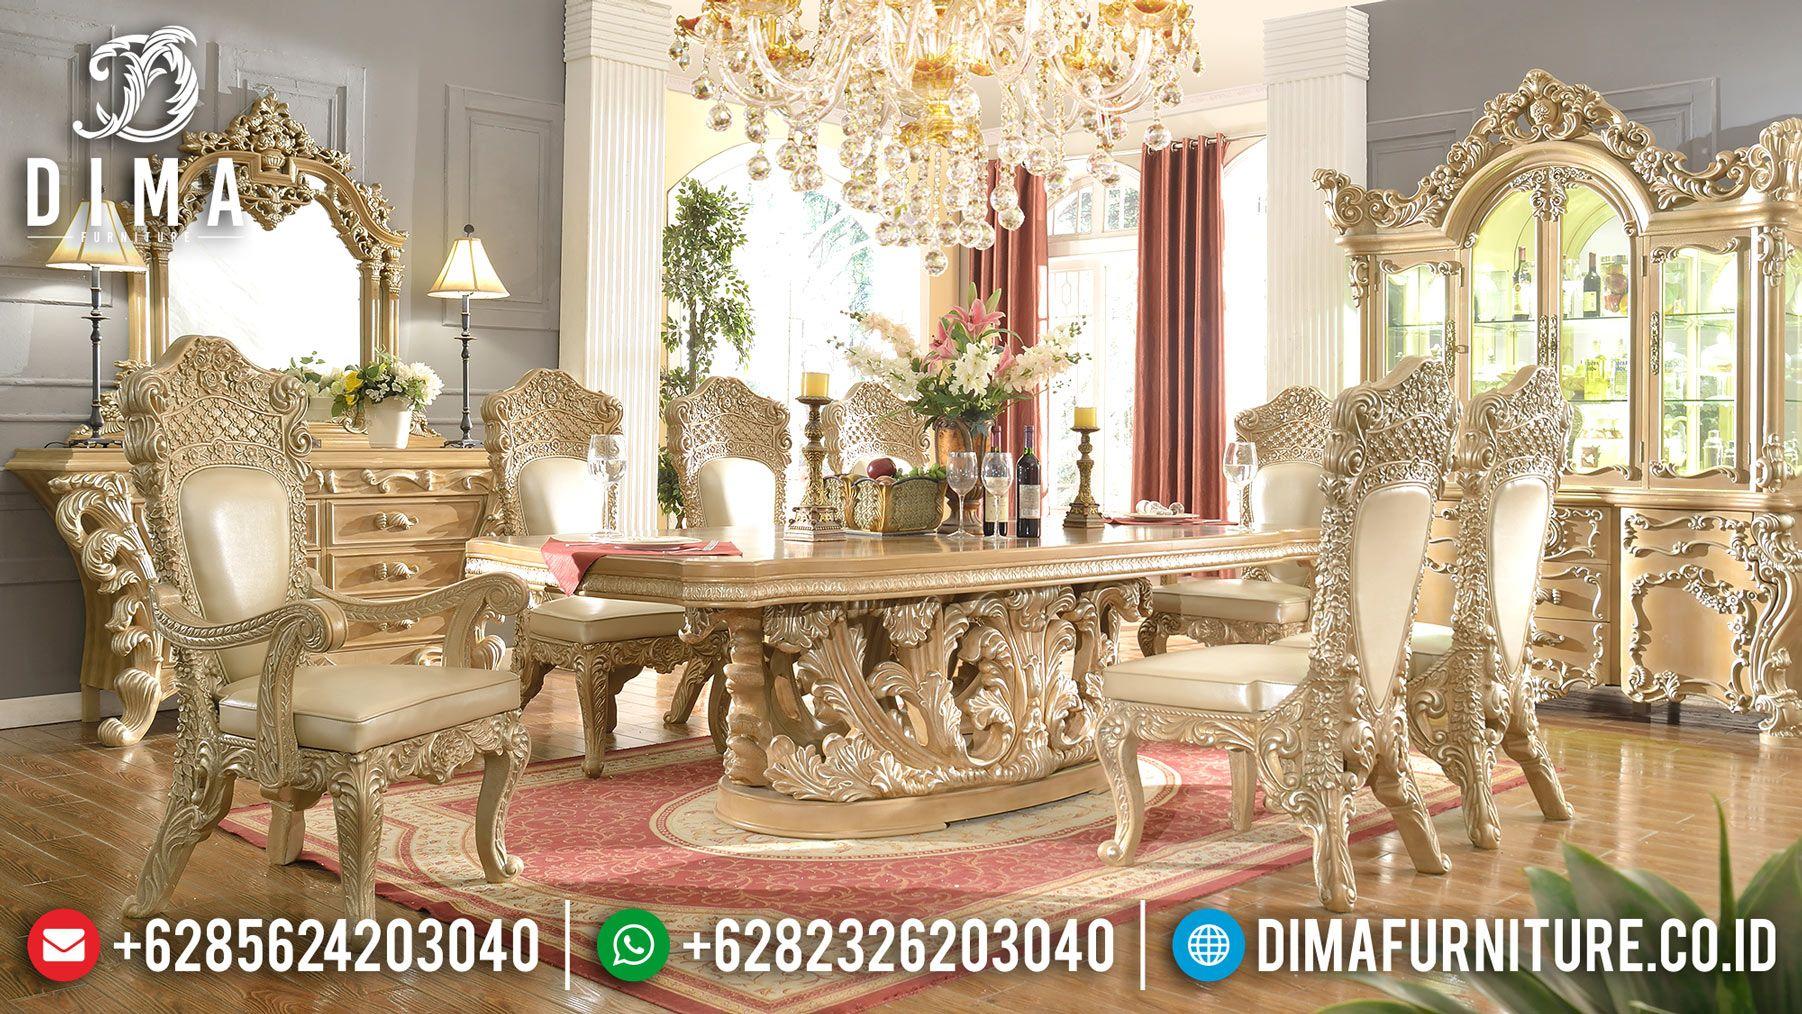 41++ Elegant dining table store in las vegas Best